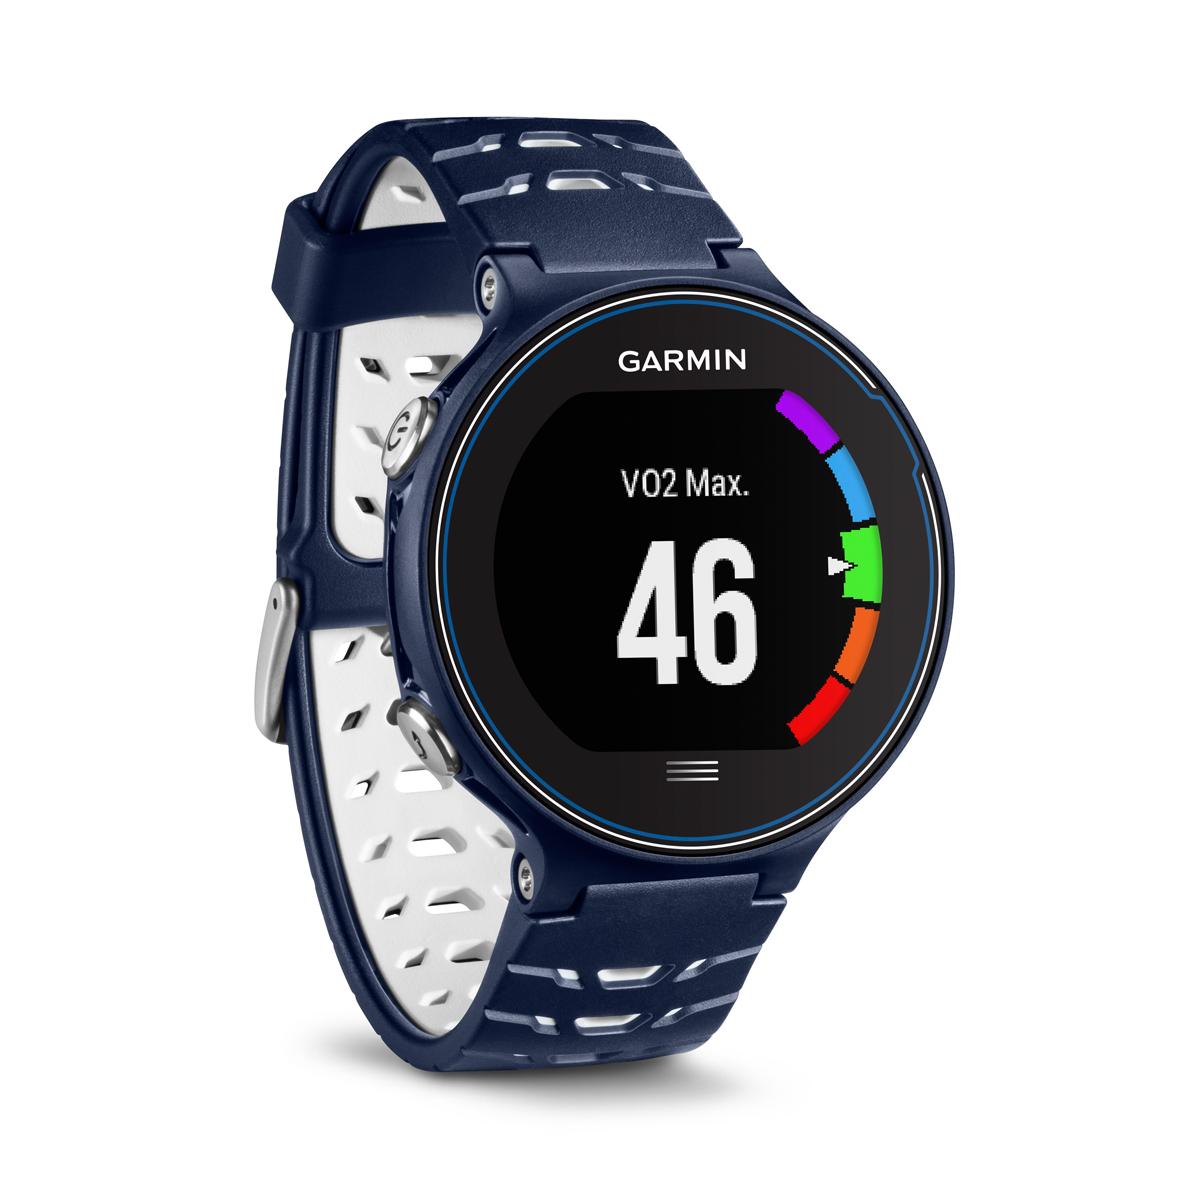 Спортивные часы Garmin Forerunner 630, цвет: темно-синий. 010-03717-21010-03717-21Смарт-часыGPSс расширенными беговыми даннымиМониторинг: Физической активности;Калорий;СнаДатчики: GPS- трекер;Счетчик калорийОсобенности: Влагозащищенный;Оповещения со смартфона;Часы;Водонепроницаемый;Умный тренер (Smart Coach )Совместимое ОС: GARMINМатериал корпуса: ПластикМатериал ремешка/браслета: ПластикДлина ремешка: 16 см Время работы: 4 неделиИнтерфейс: BluetoothМетод зарядки: microUSB 2.0Вид аккумулятора: Li-ionЕмкость аккумулятора: 300 mA